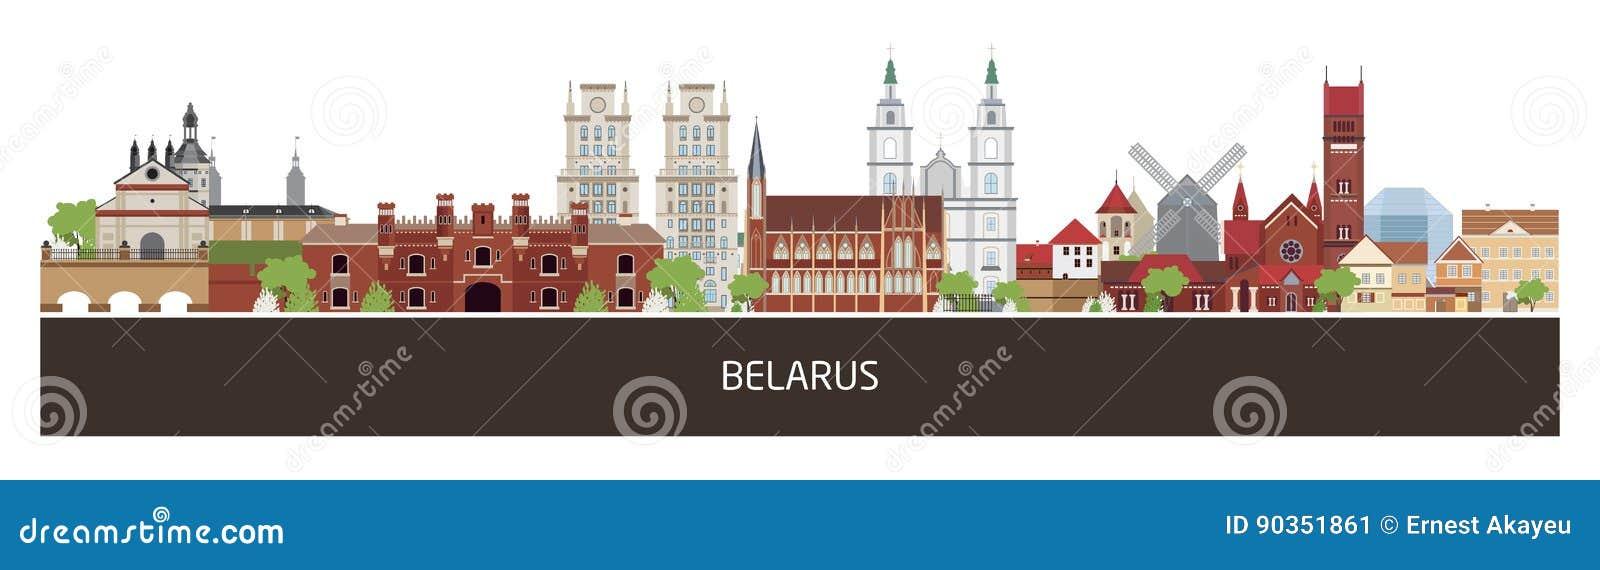 Bakgrund med Vitryssland landsbyggnader och ställe för text horisontalriktningsbaner, reklamblad, titelrad för plats